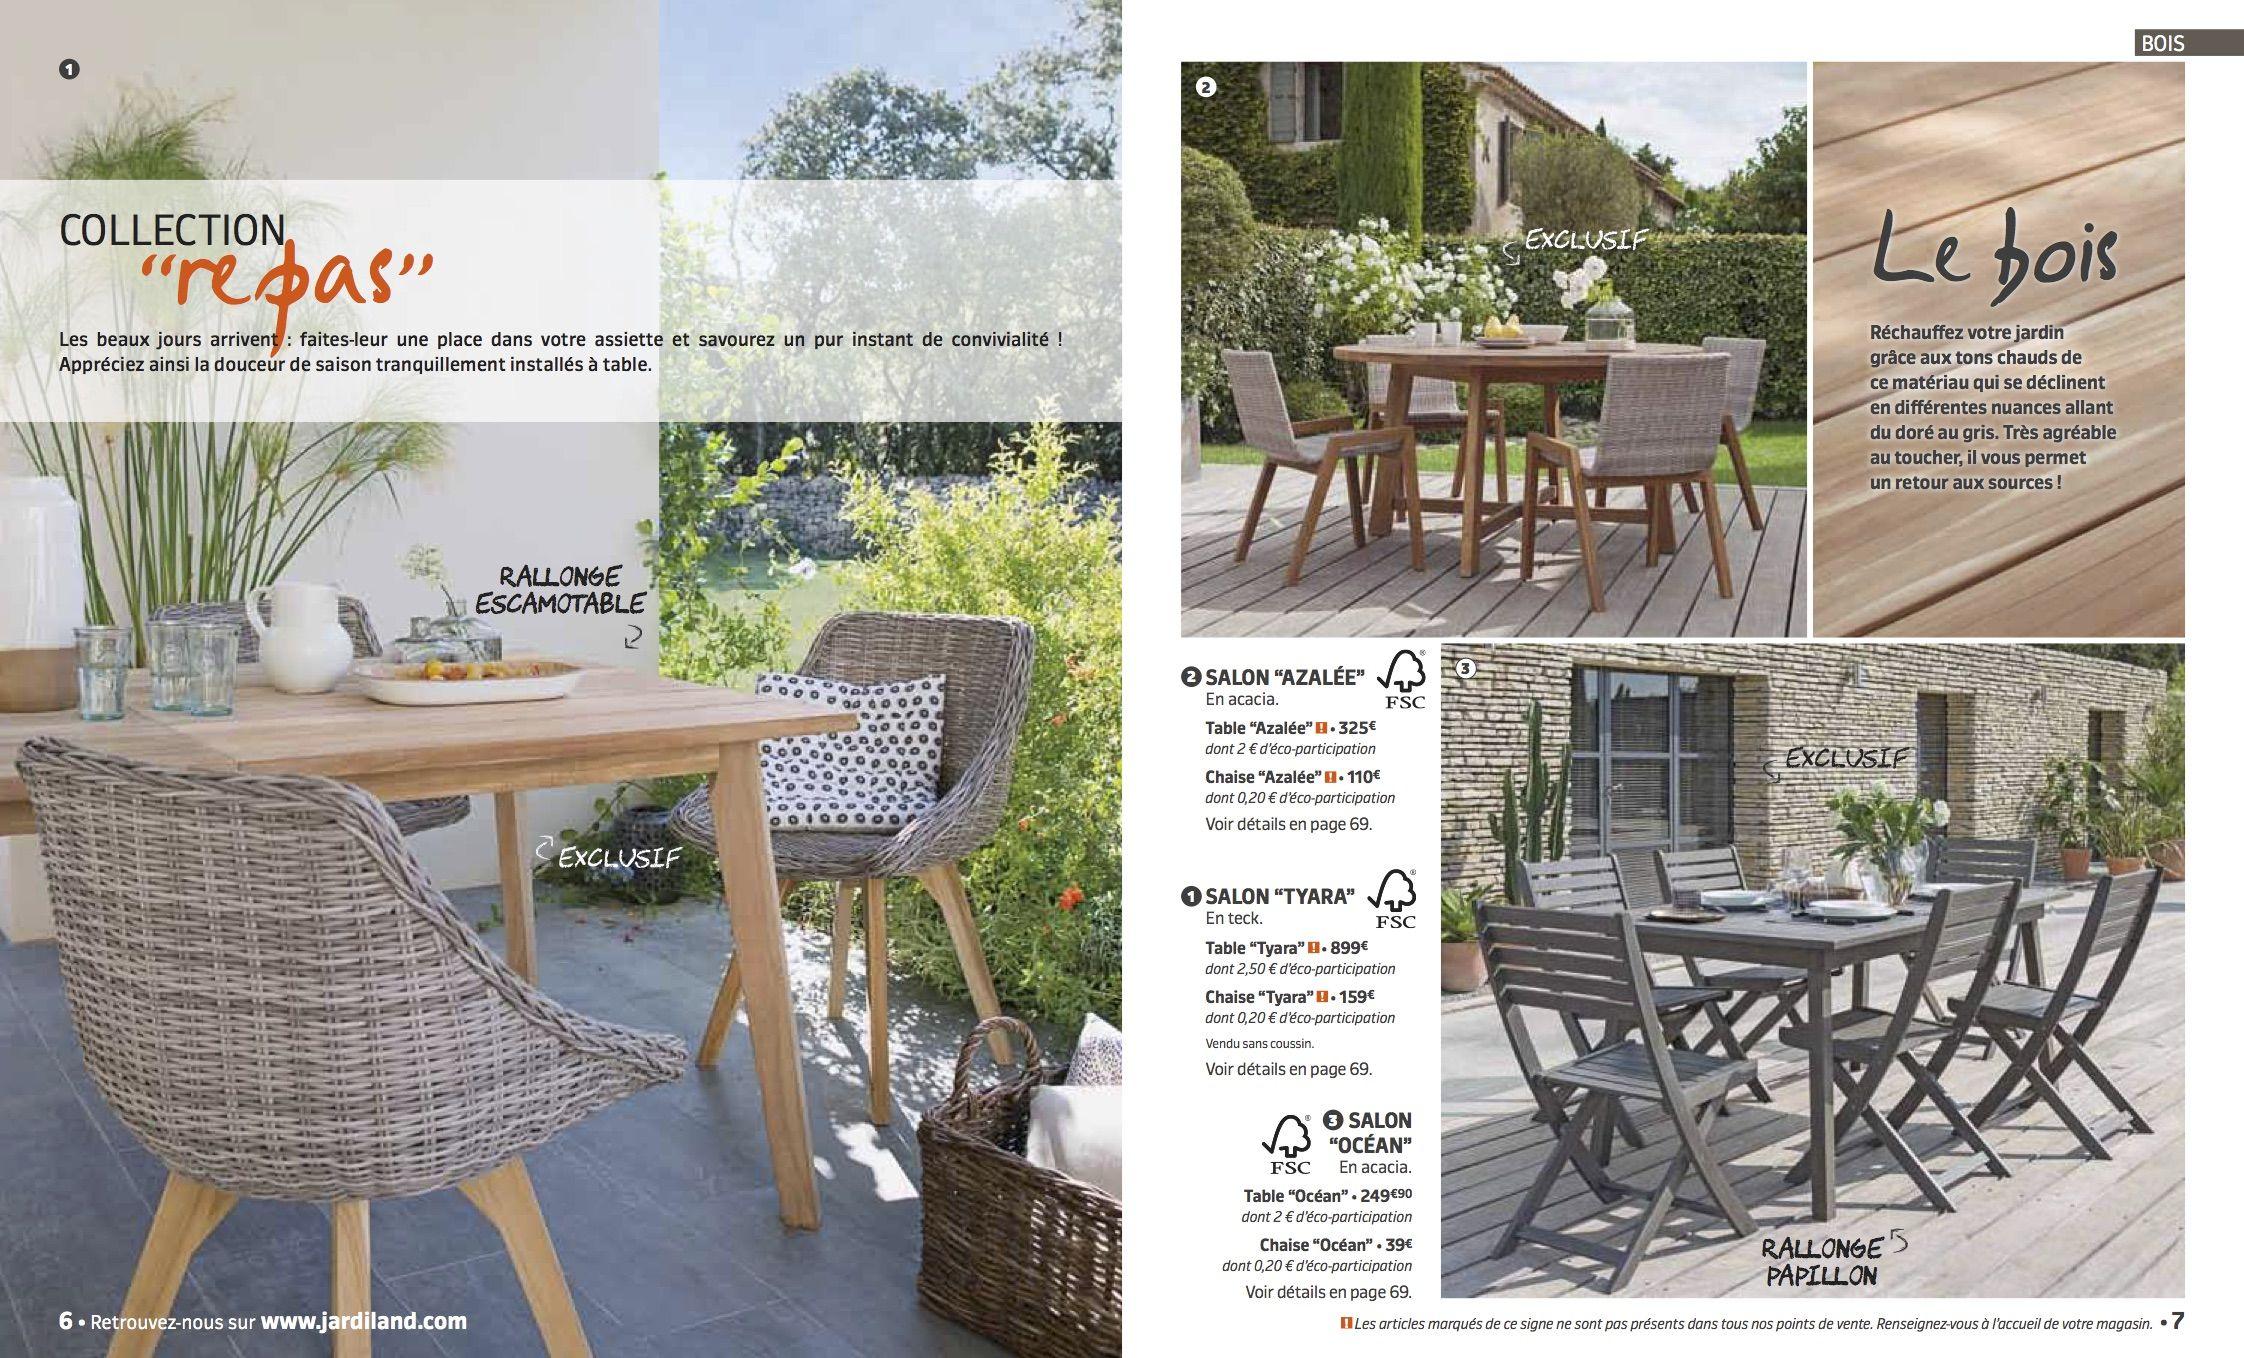 Epingle Par La Chose Sur Jardiland Catalogue Mobilier Jardin